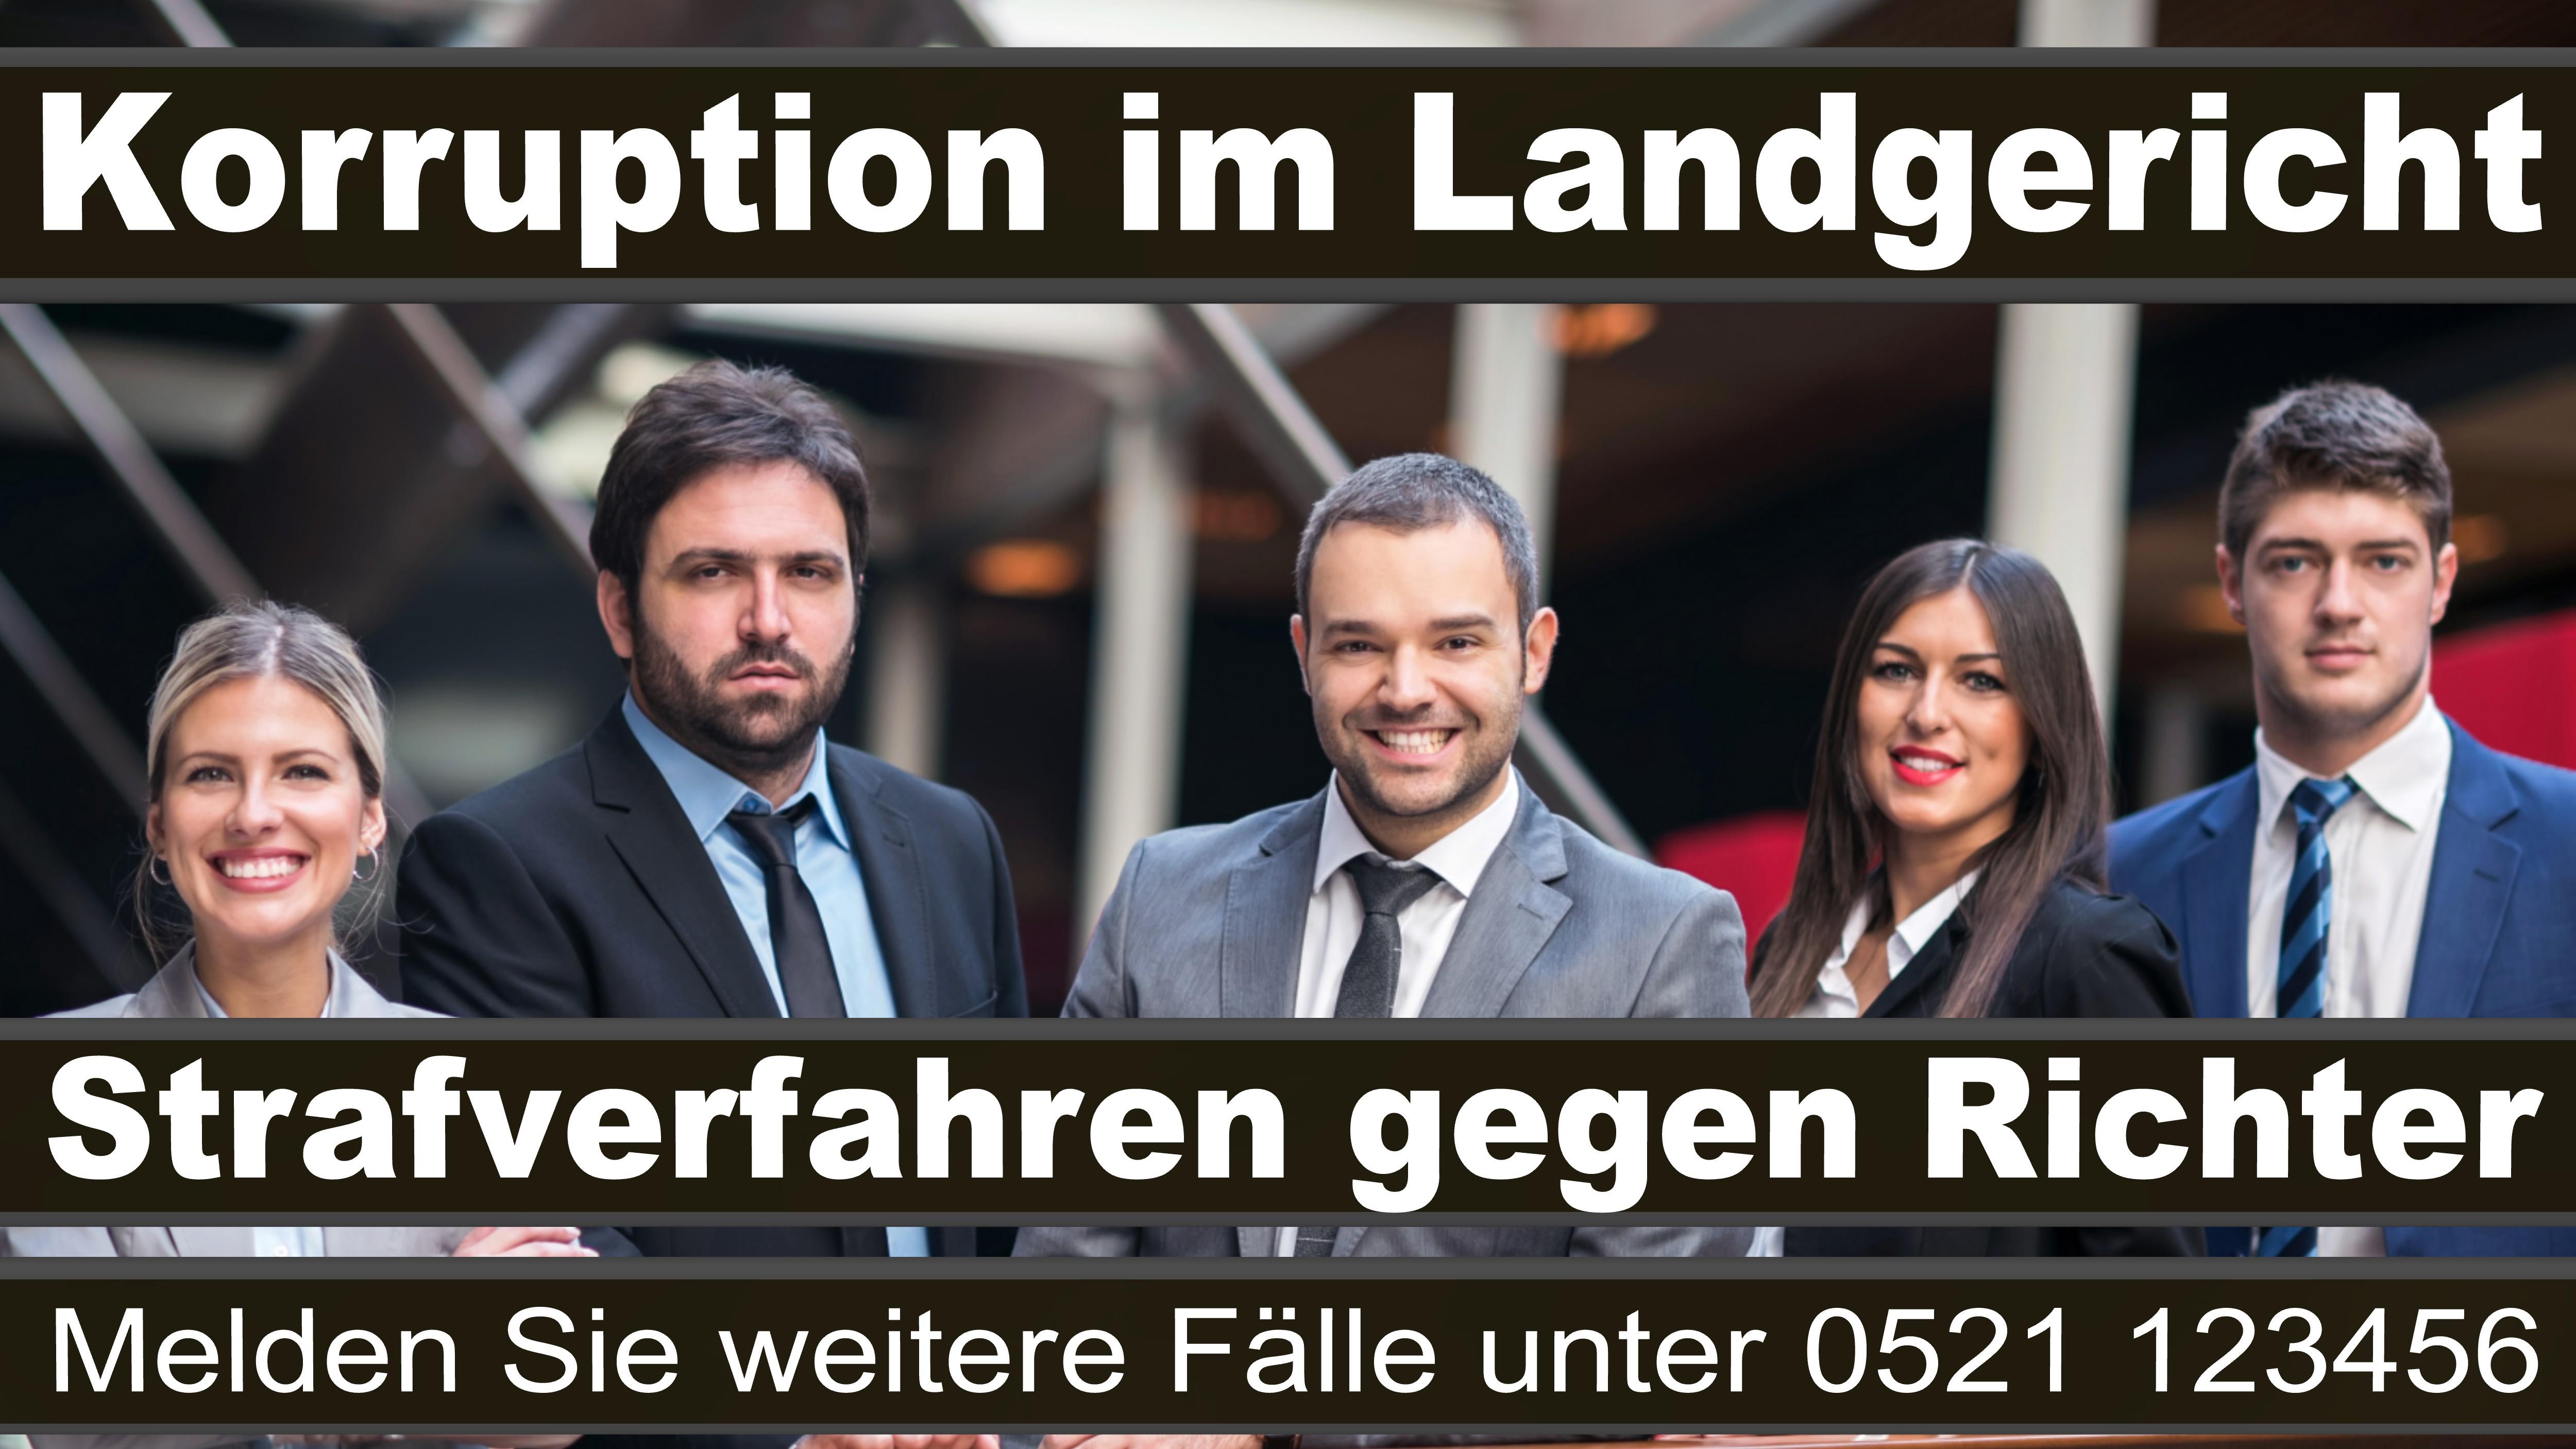 Verfassungsgericht Des Landes Brandenburg